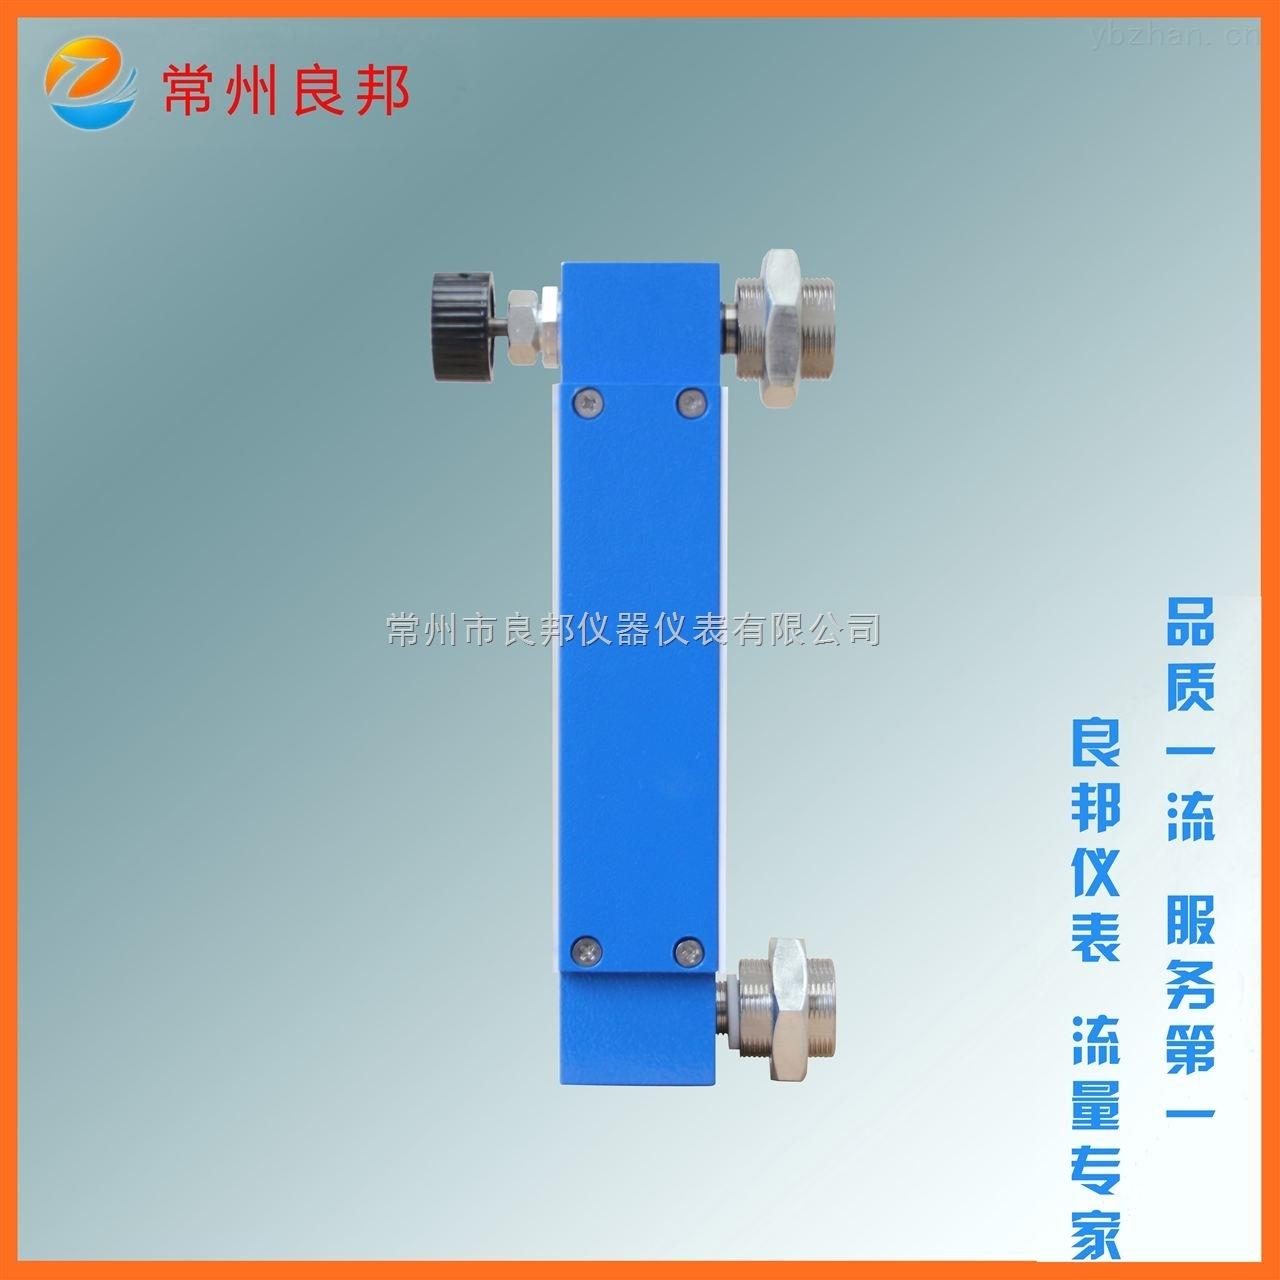 LZB-15D-微压玻璃转子流量计厂家 引进东京计装技术 面板安装测大流量 精度高